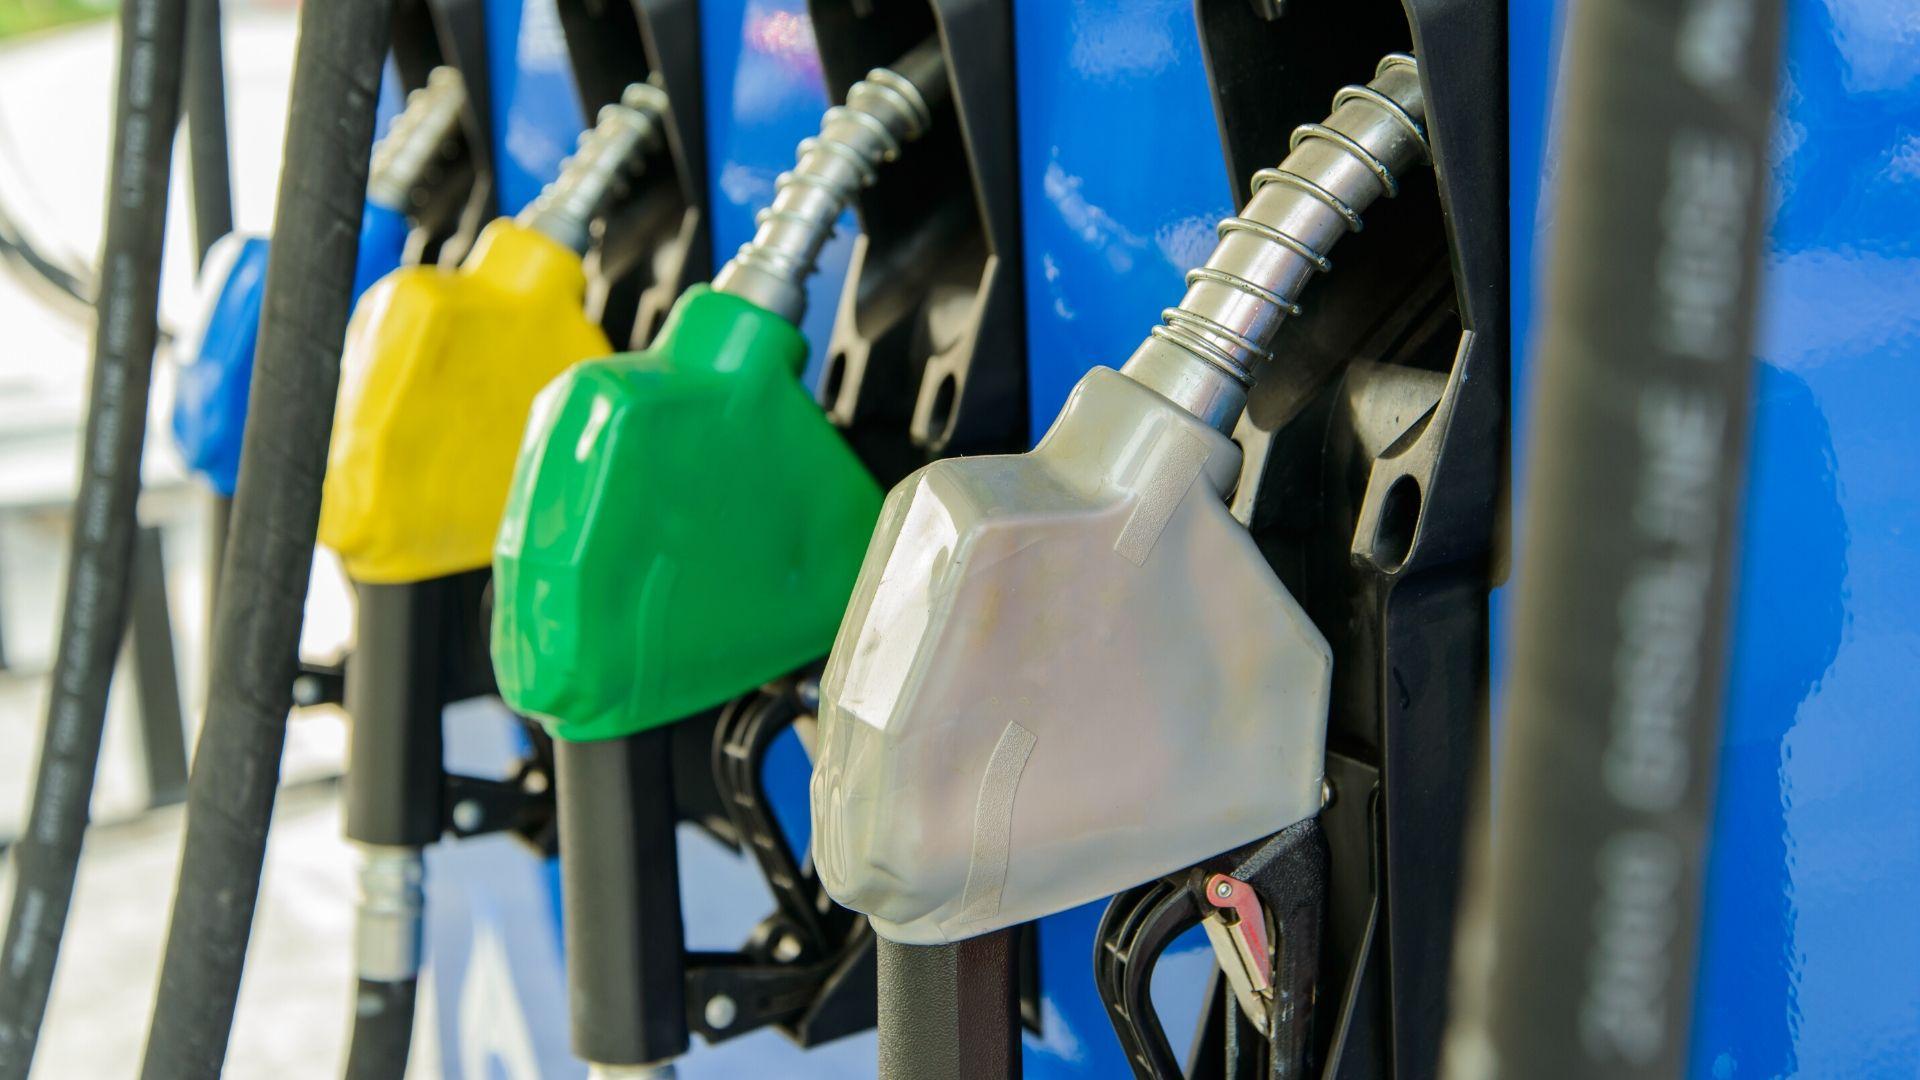 Valori indicativi di riferimento dei costi di esercizio. Dato costo gasolio luglio 2020